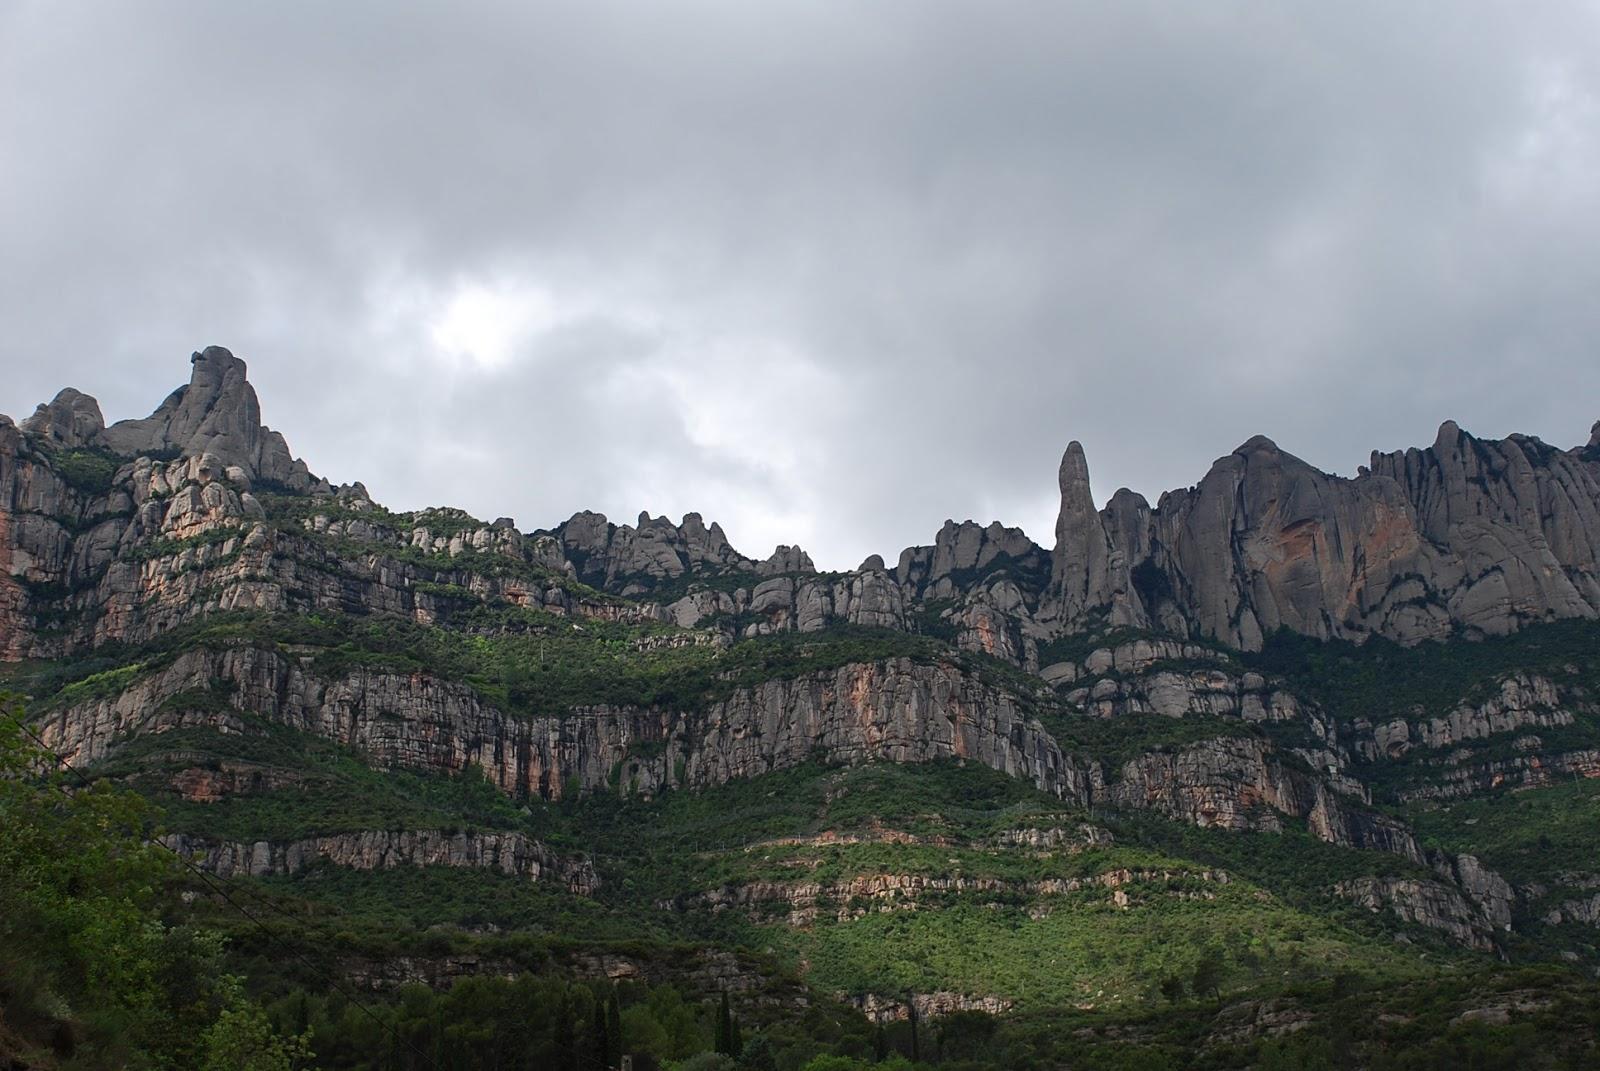 Peque a monta a senderismo en familia de monistrol al monestir de montserrat - Tiempo olesa de montserrat ...